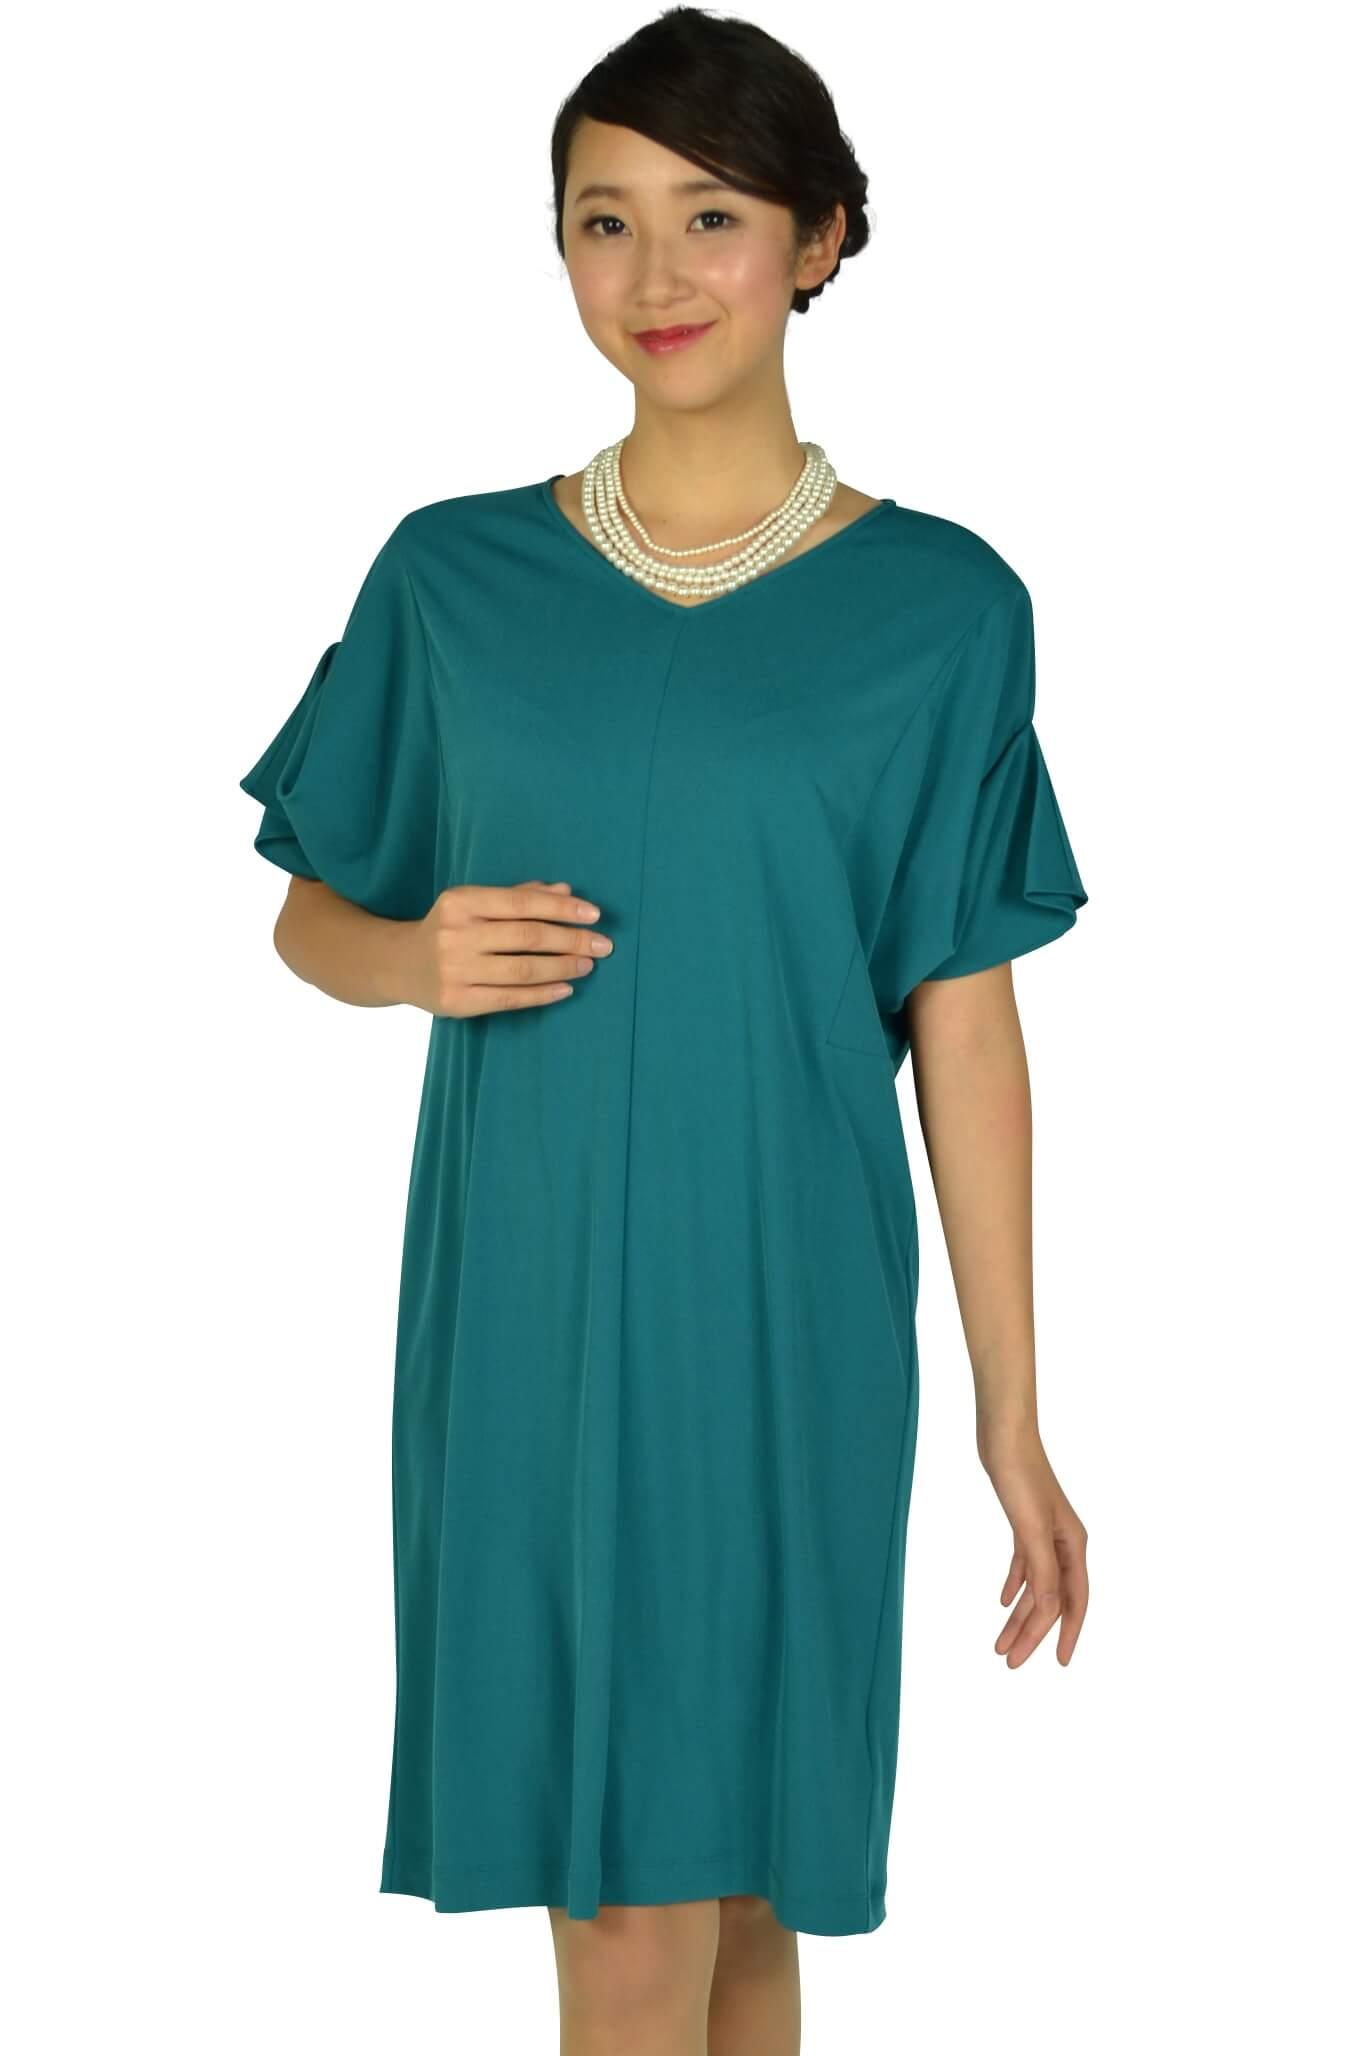 ロートレアモン(LAUTREAMONT) ゆったり5分袖ブルーグリーンドレス